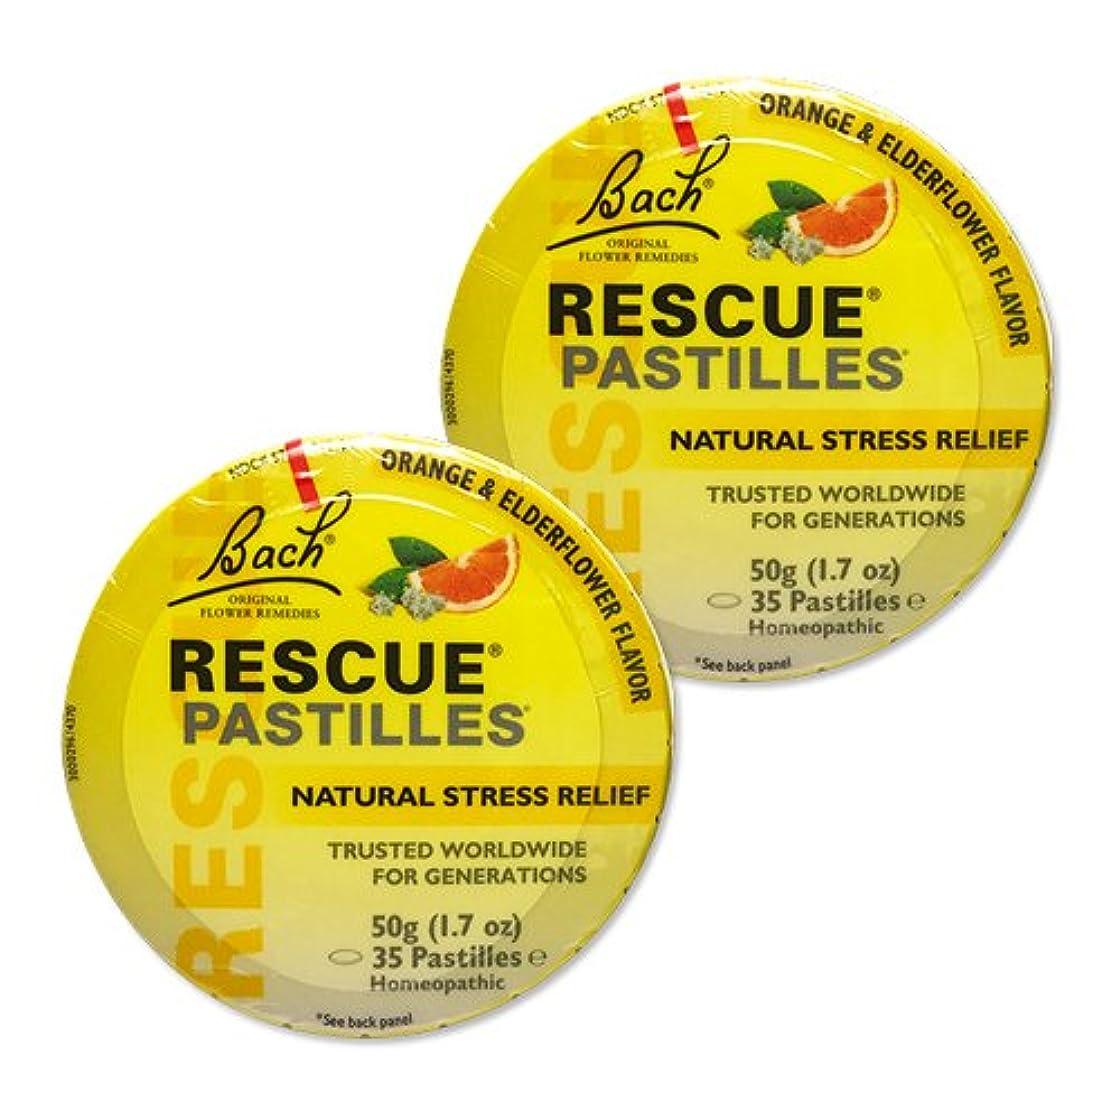 主人根絶するカップル【2個セット】 [海外直送品]バッチフラワー レスキューレメディー パステル(オレンジ) Rescue Pastilles: For Occasional...